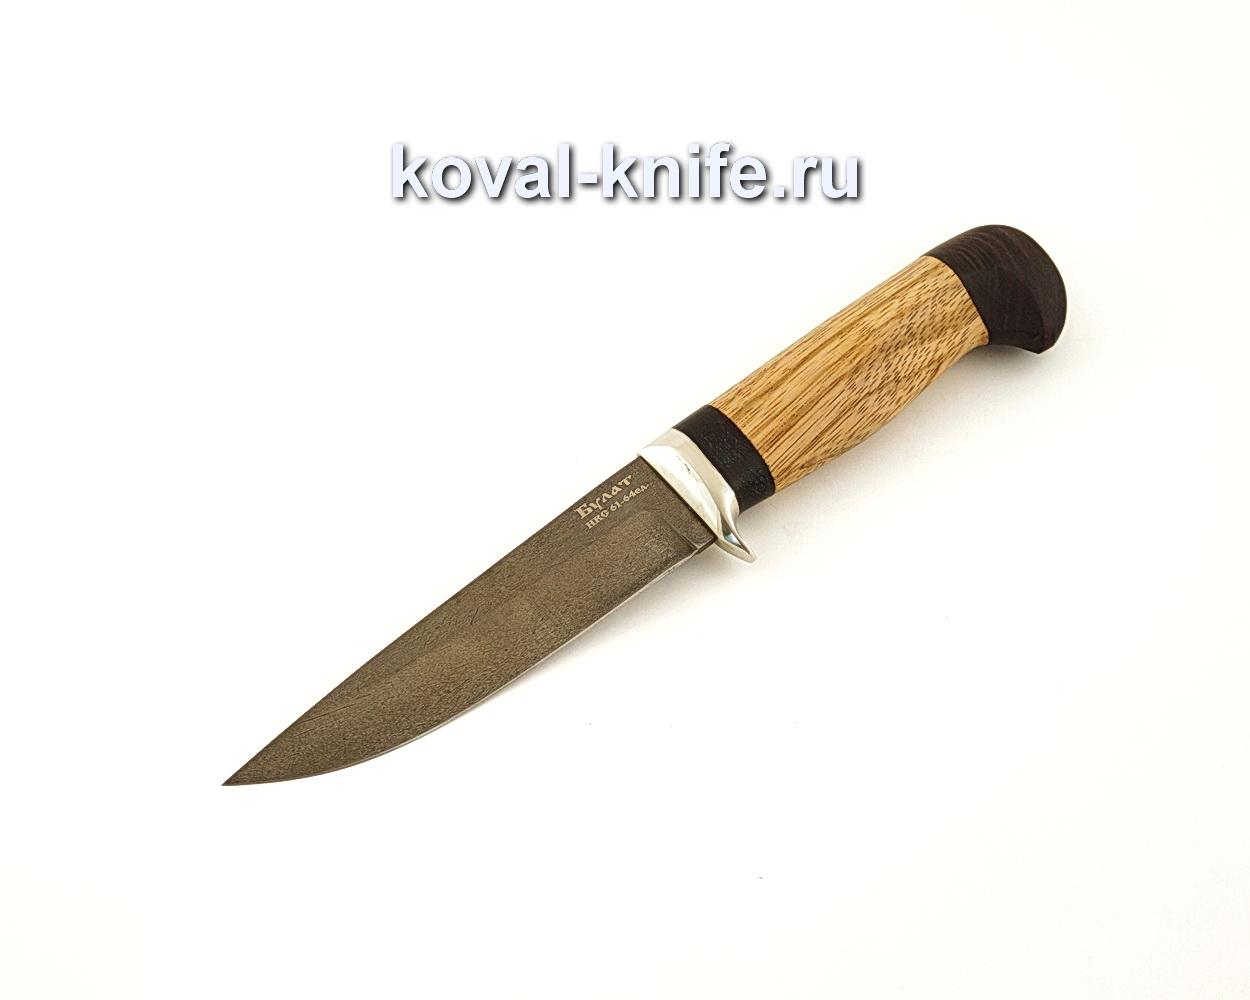 Нож Лис из булатной стали с рукоятью из амазакуе  A647